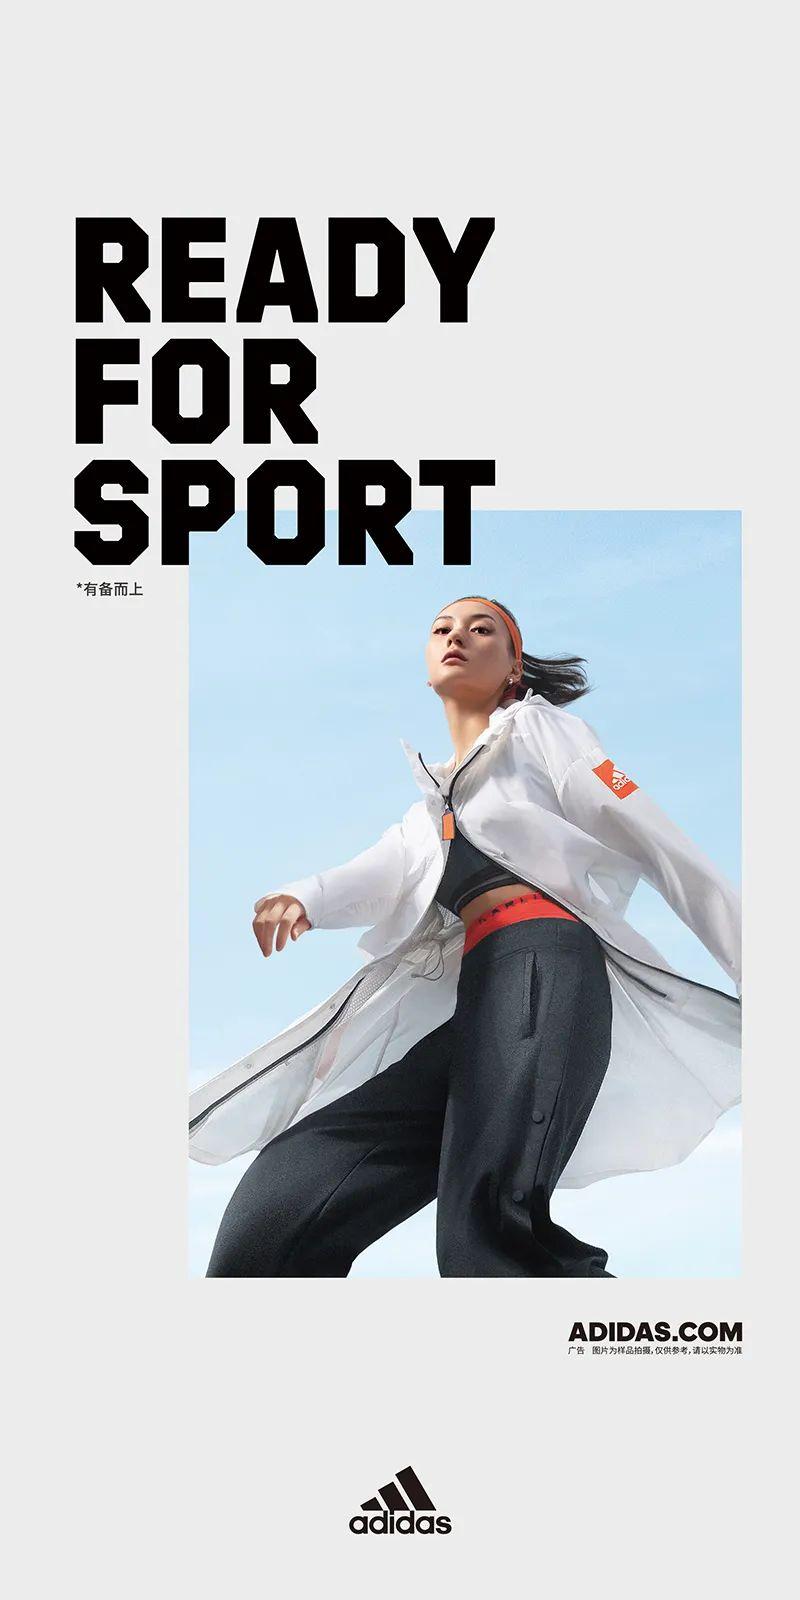 adidas 终于做出来了!想要穿的很懂潮流,它可是绕不开的选择